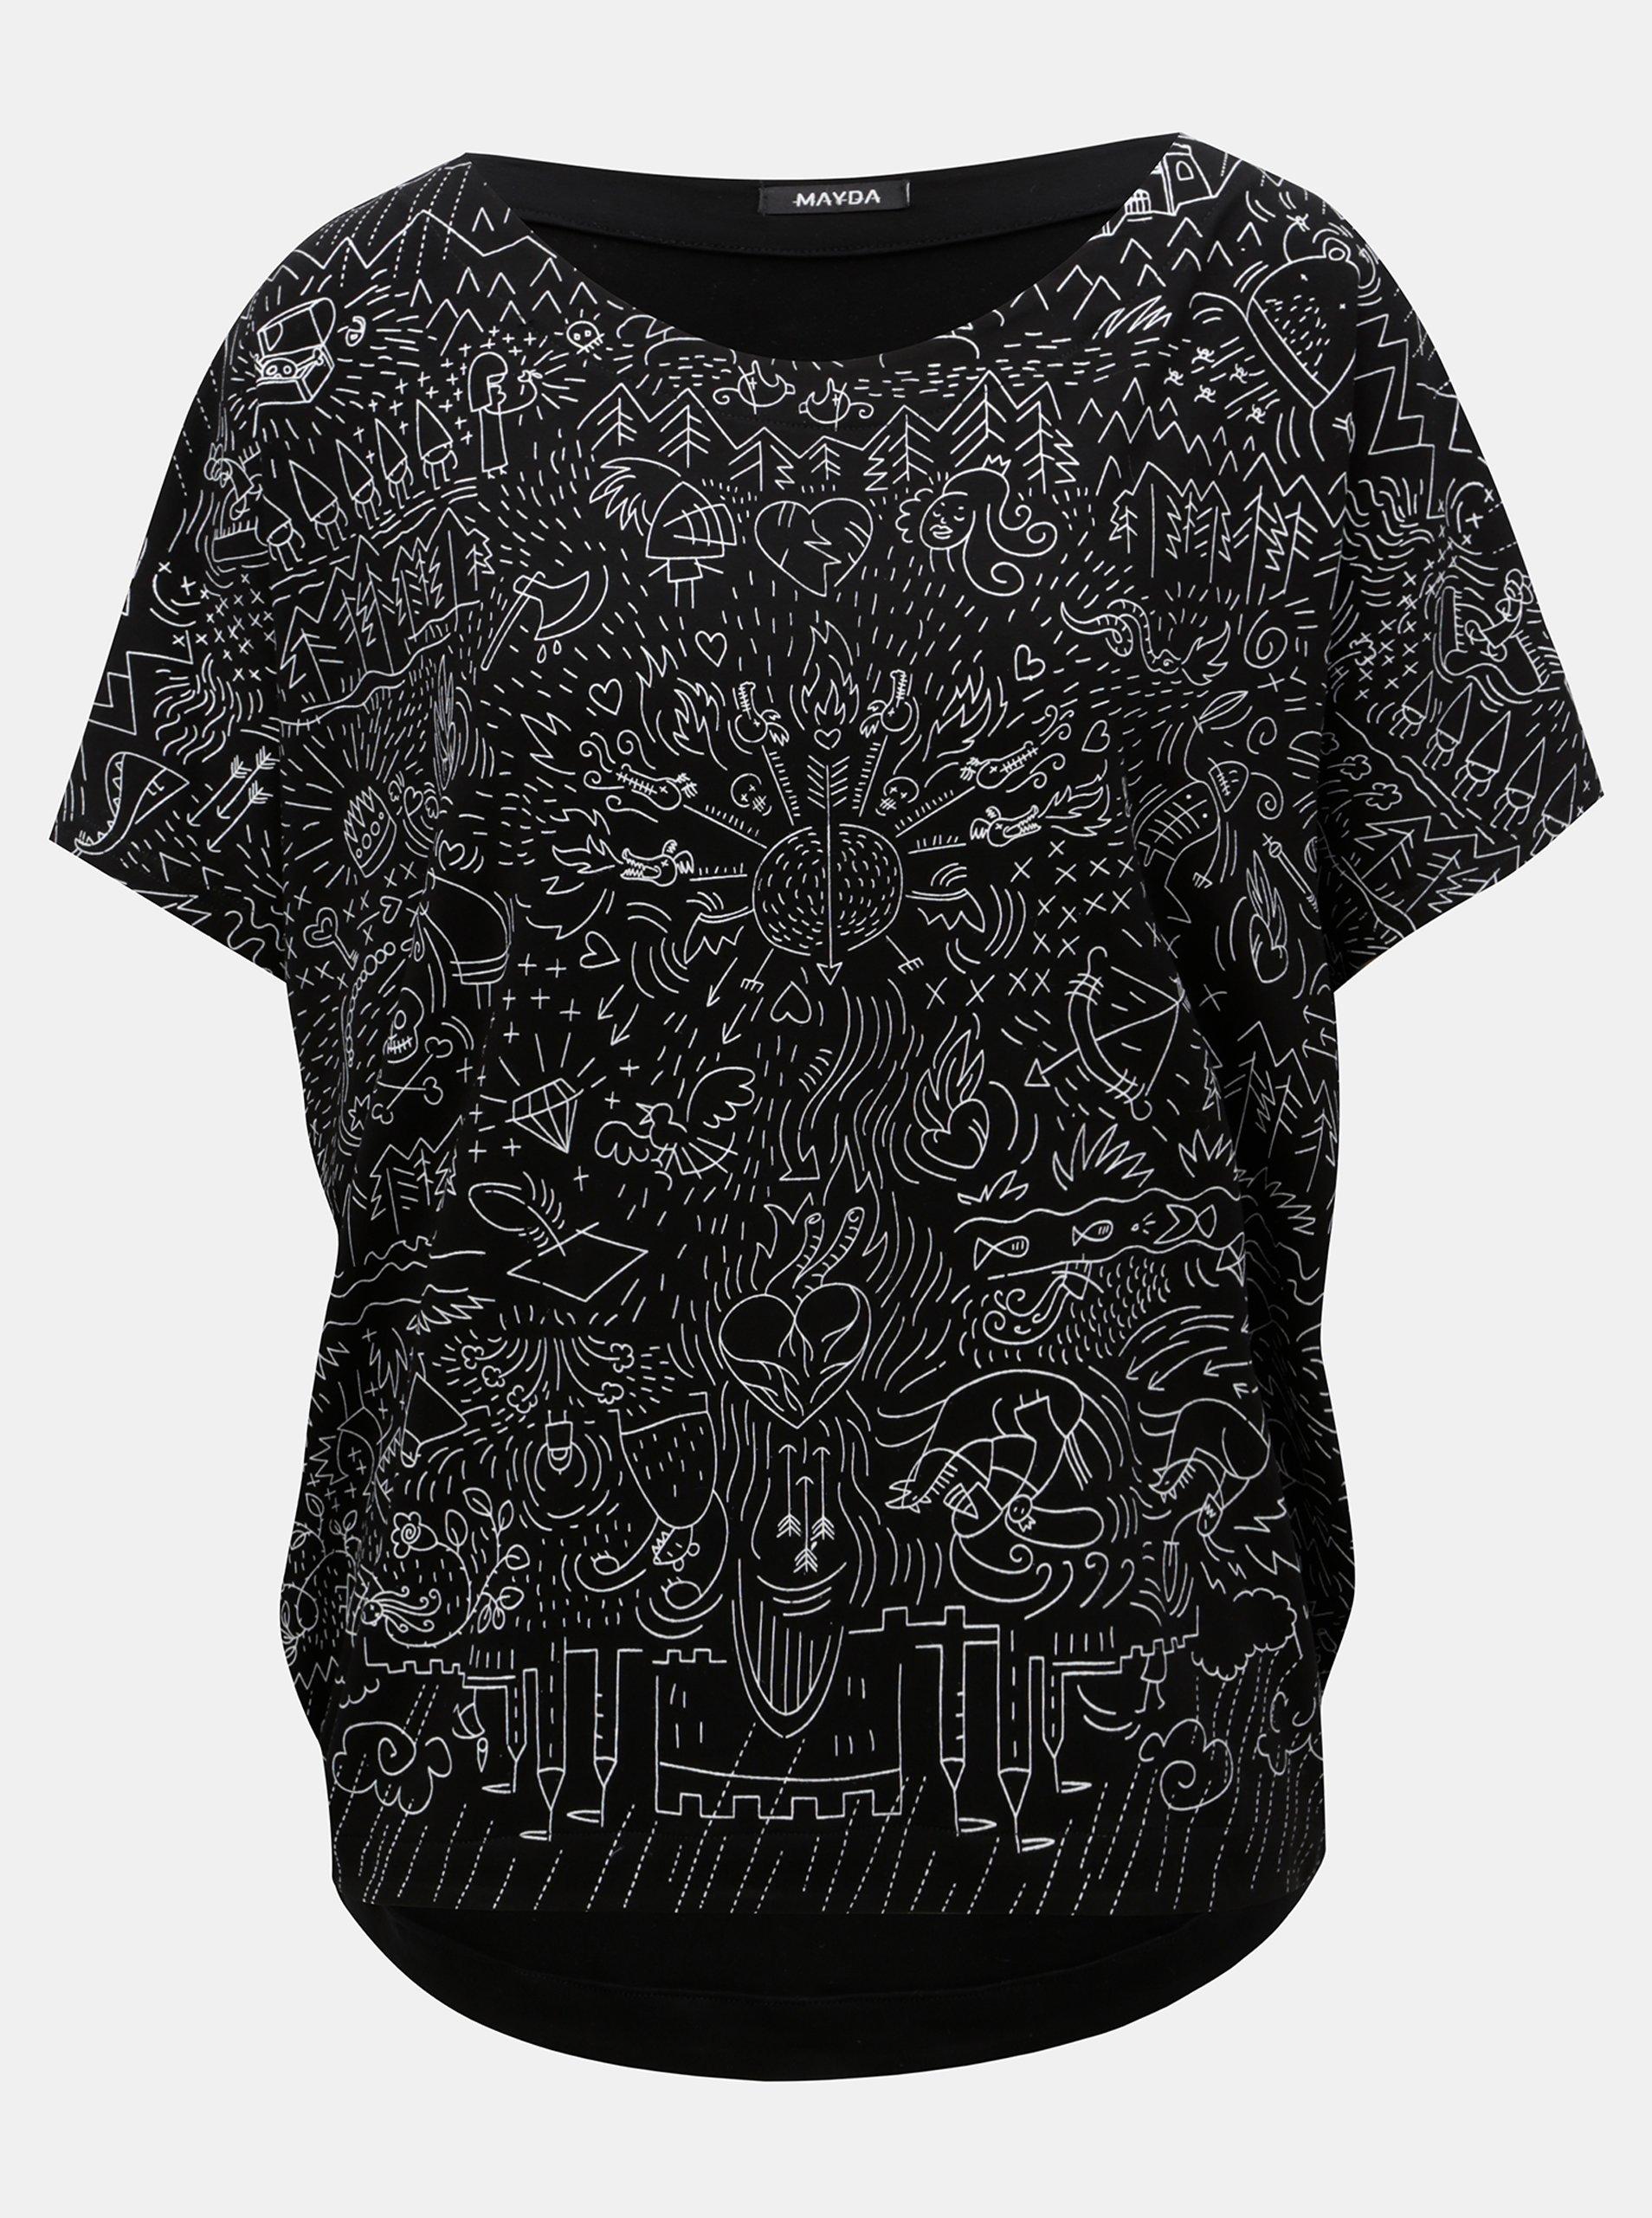 74f8a047b78 Černé volné tričko s potiskem Mayda Pohádka